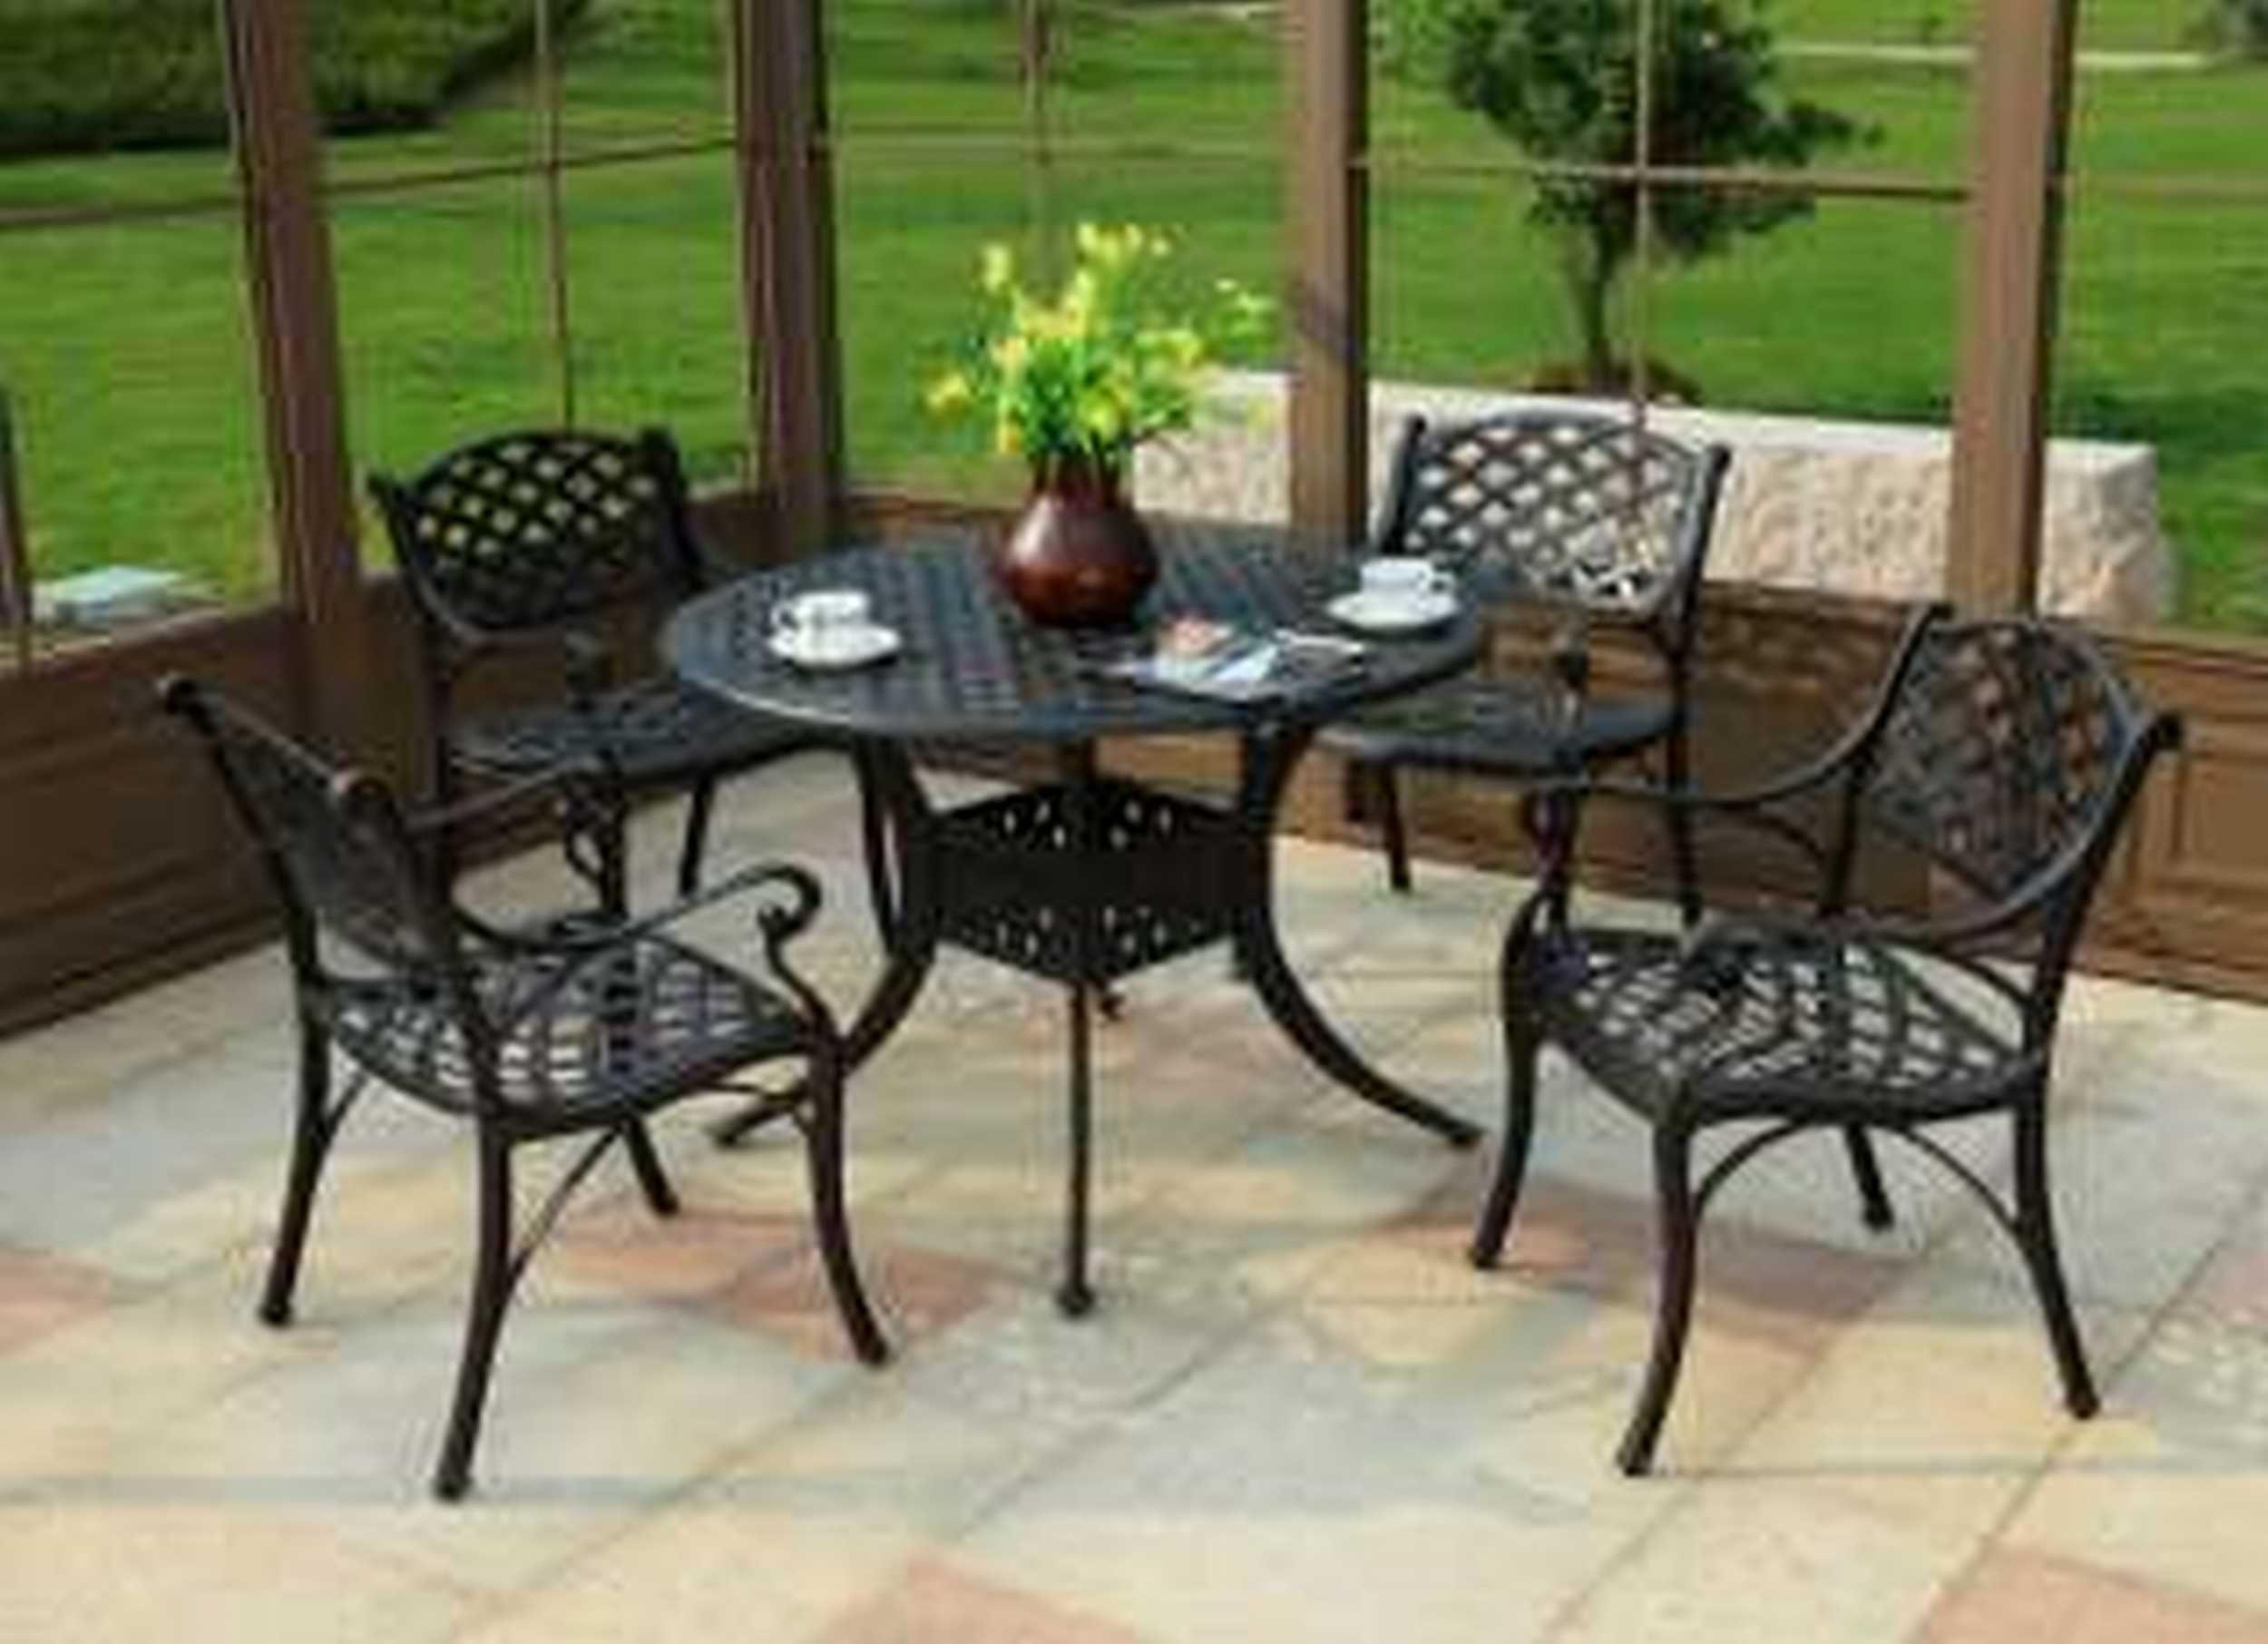 Information Coffee Shop Tables And Chairs Second Hand Ideas De Muebles De Patio Muebles Terraza Mesas De Patio